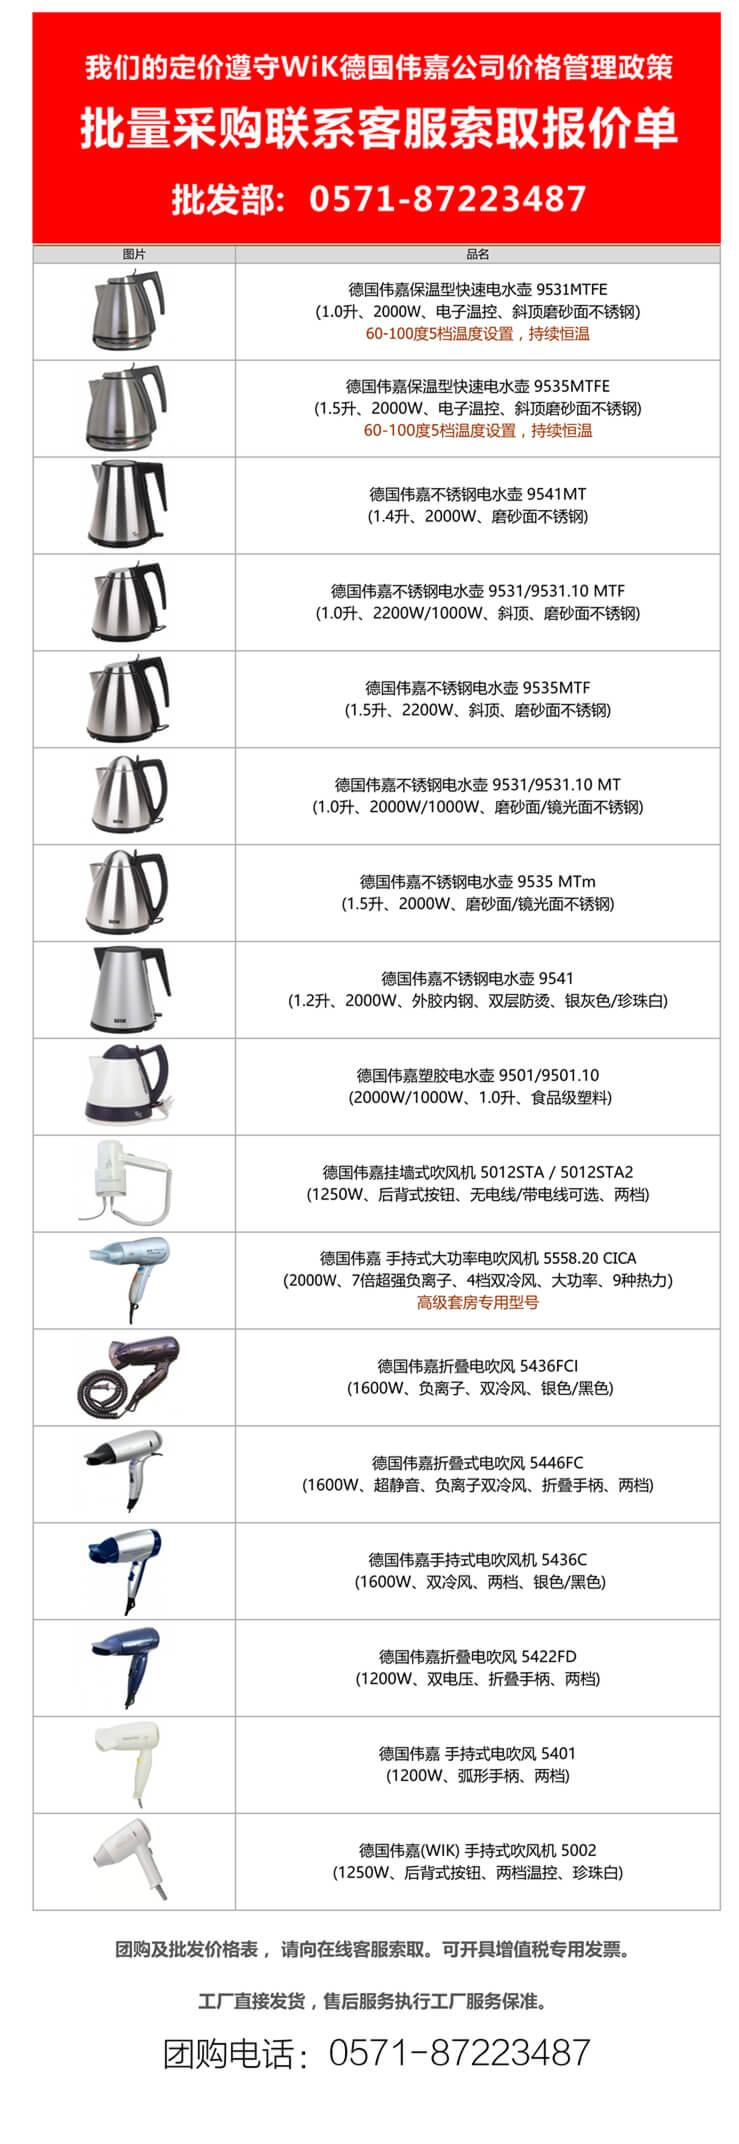 【德国伟嘉报价单】wik伟嘉系列酒店专用小电器|wik电热水壶|wik电吹风机价格表